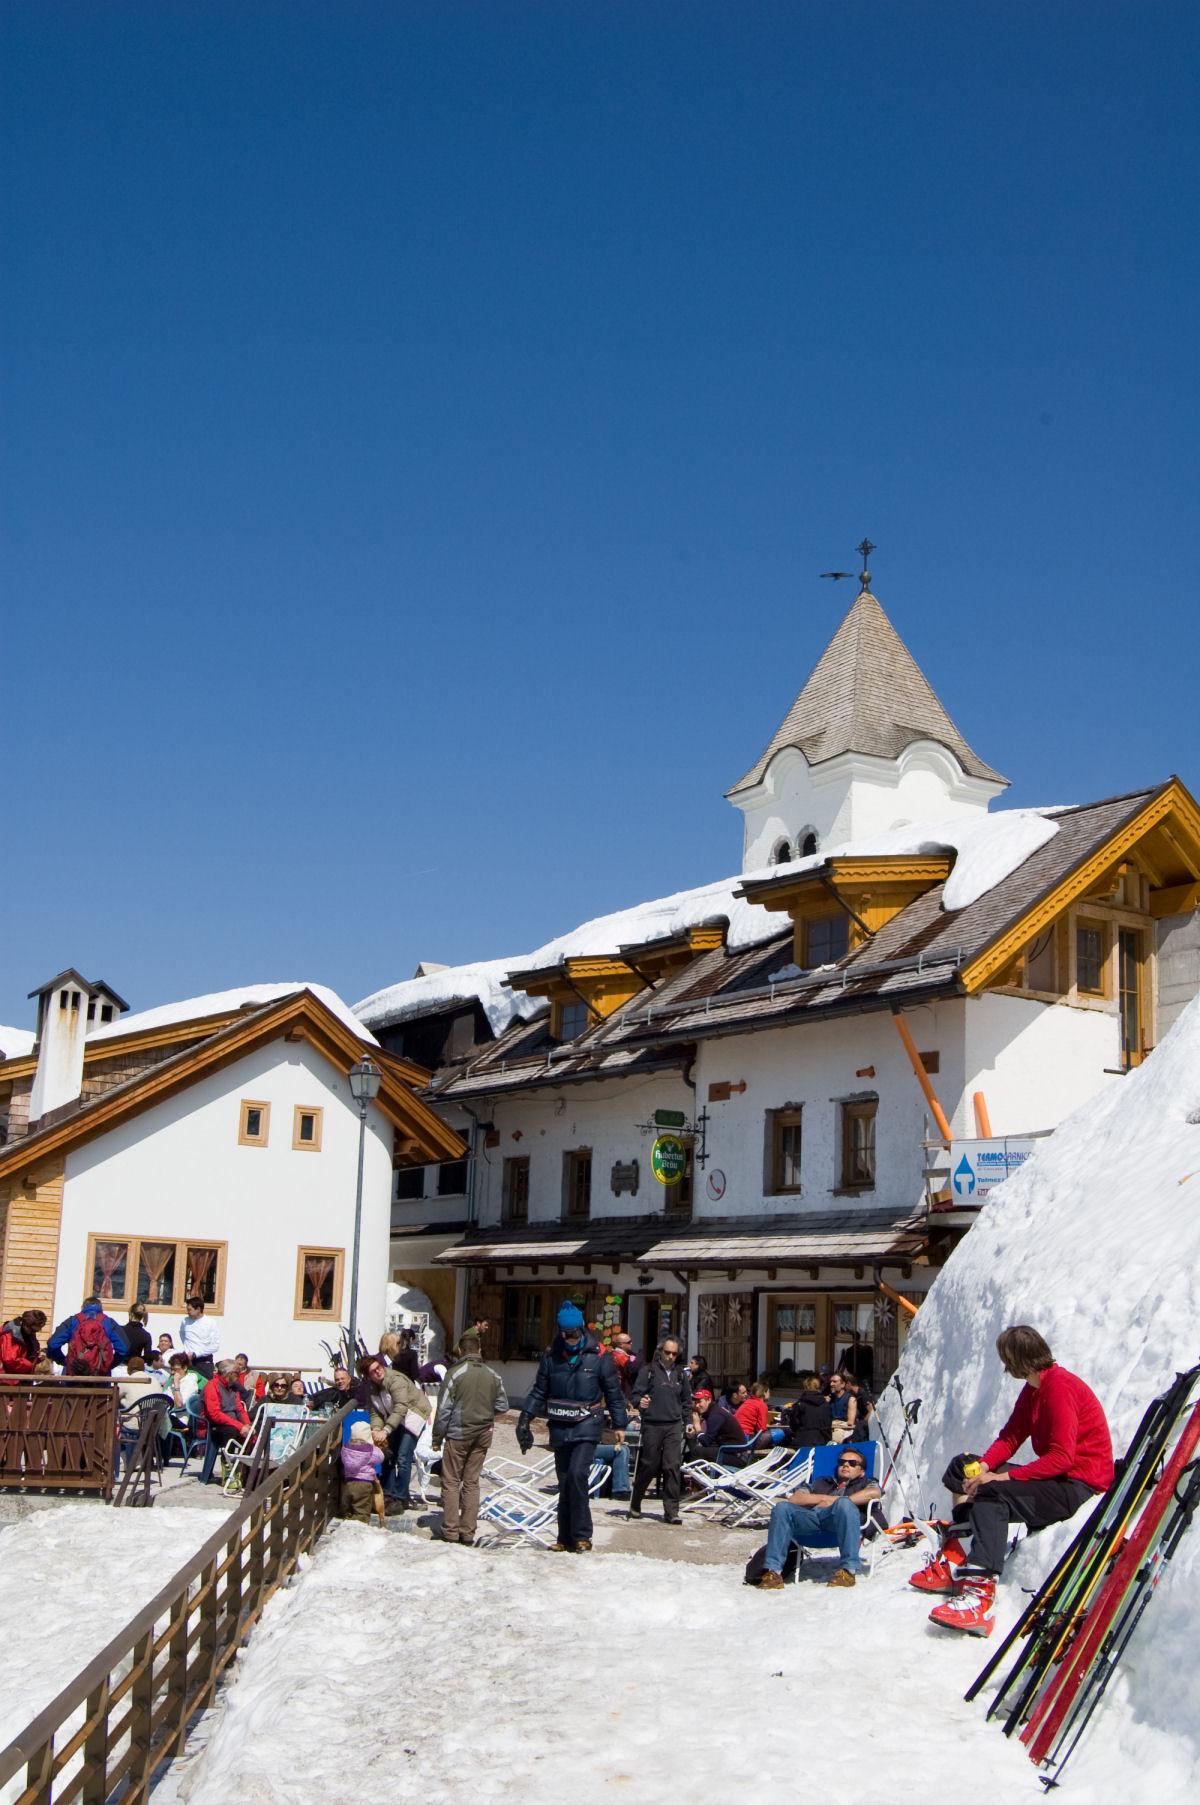 Monte Lussari in the wintertime, Tarvisio, province of Udine, region Friuli-Venezia Giulia, Italy